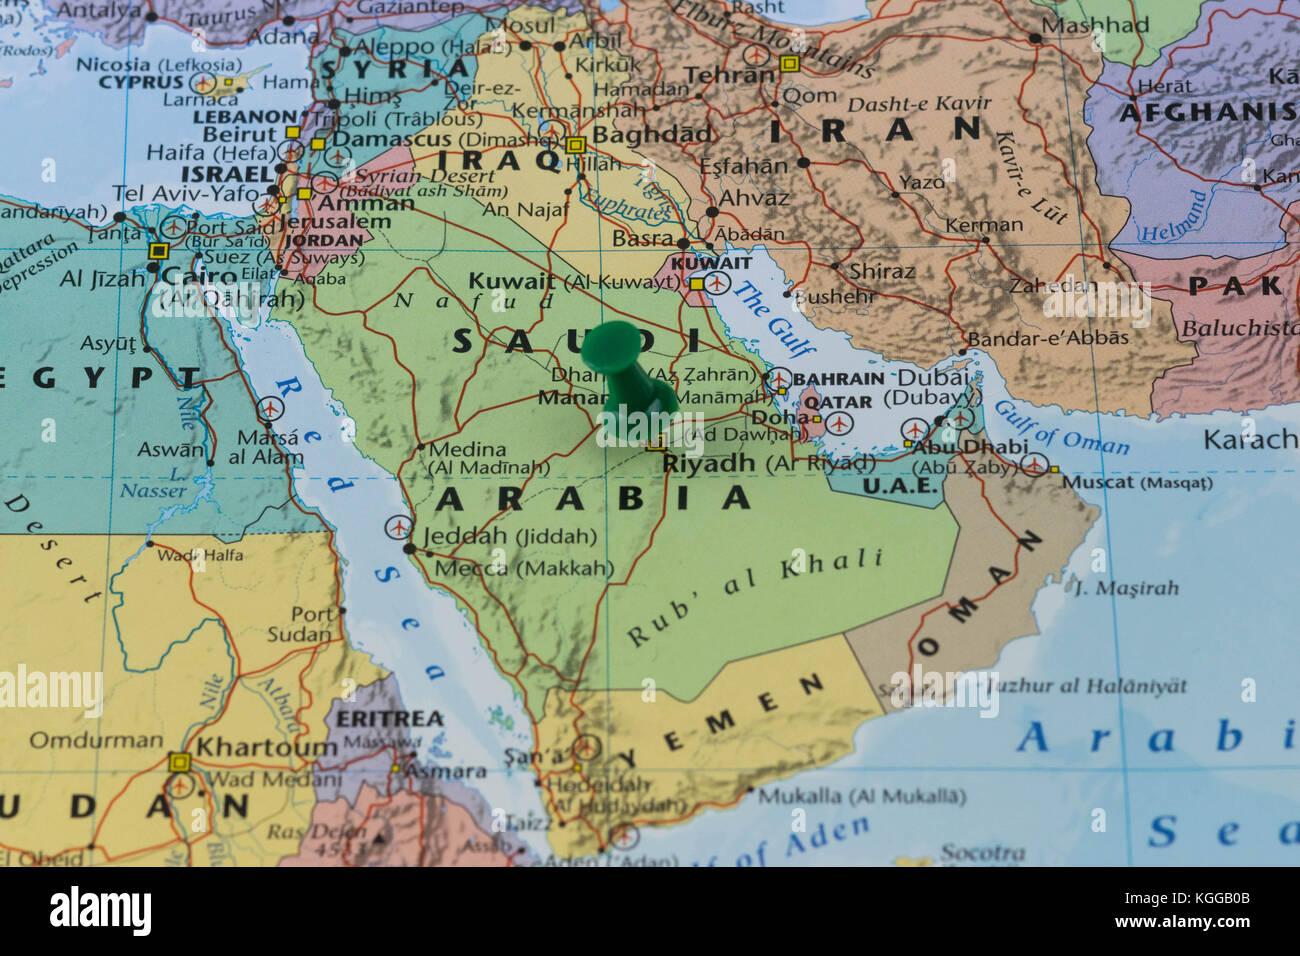 Riyadh imperniata su una mappa di arabia saudita con una spina verde, colore dell'Arabia bandiera. Immagini Stock